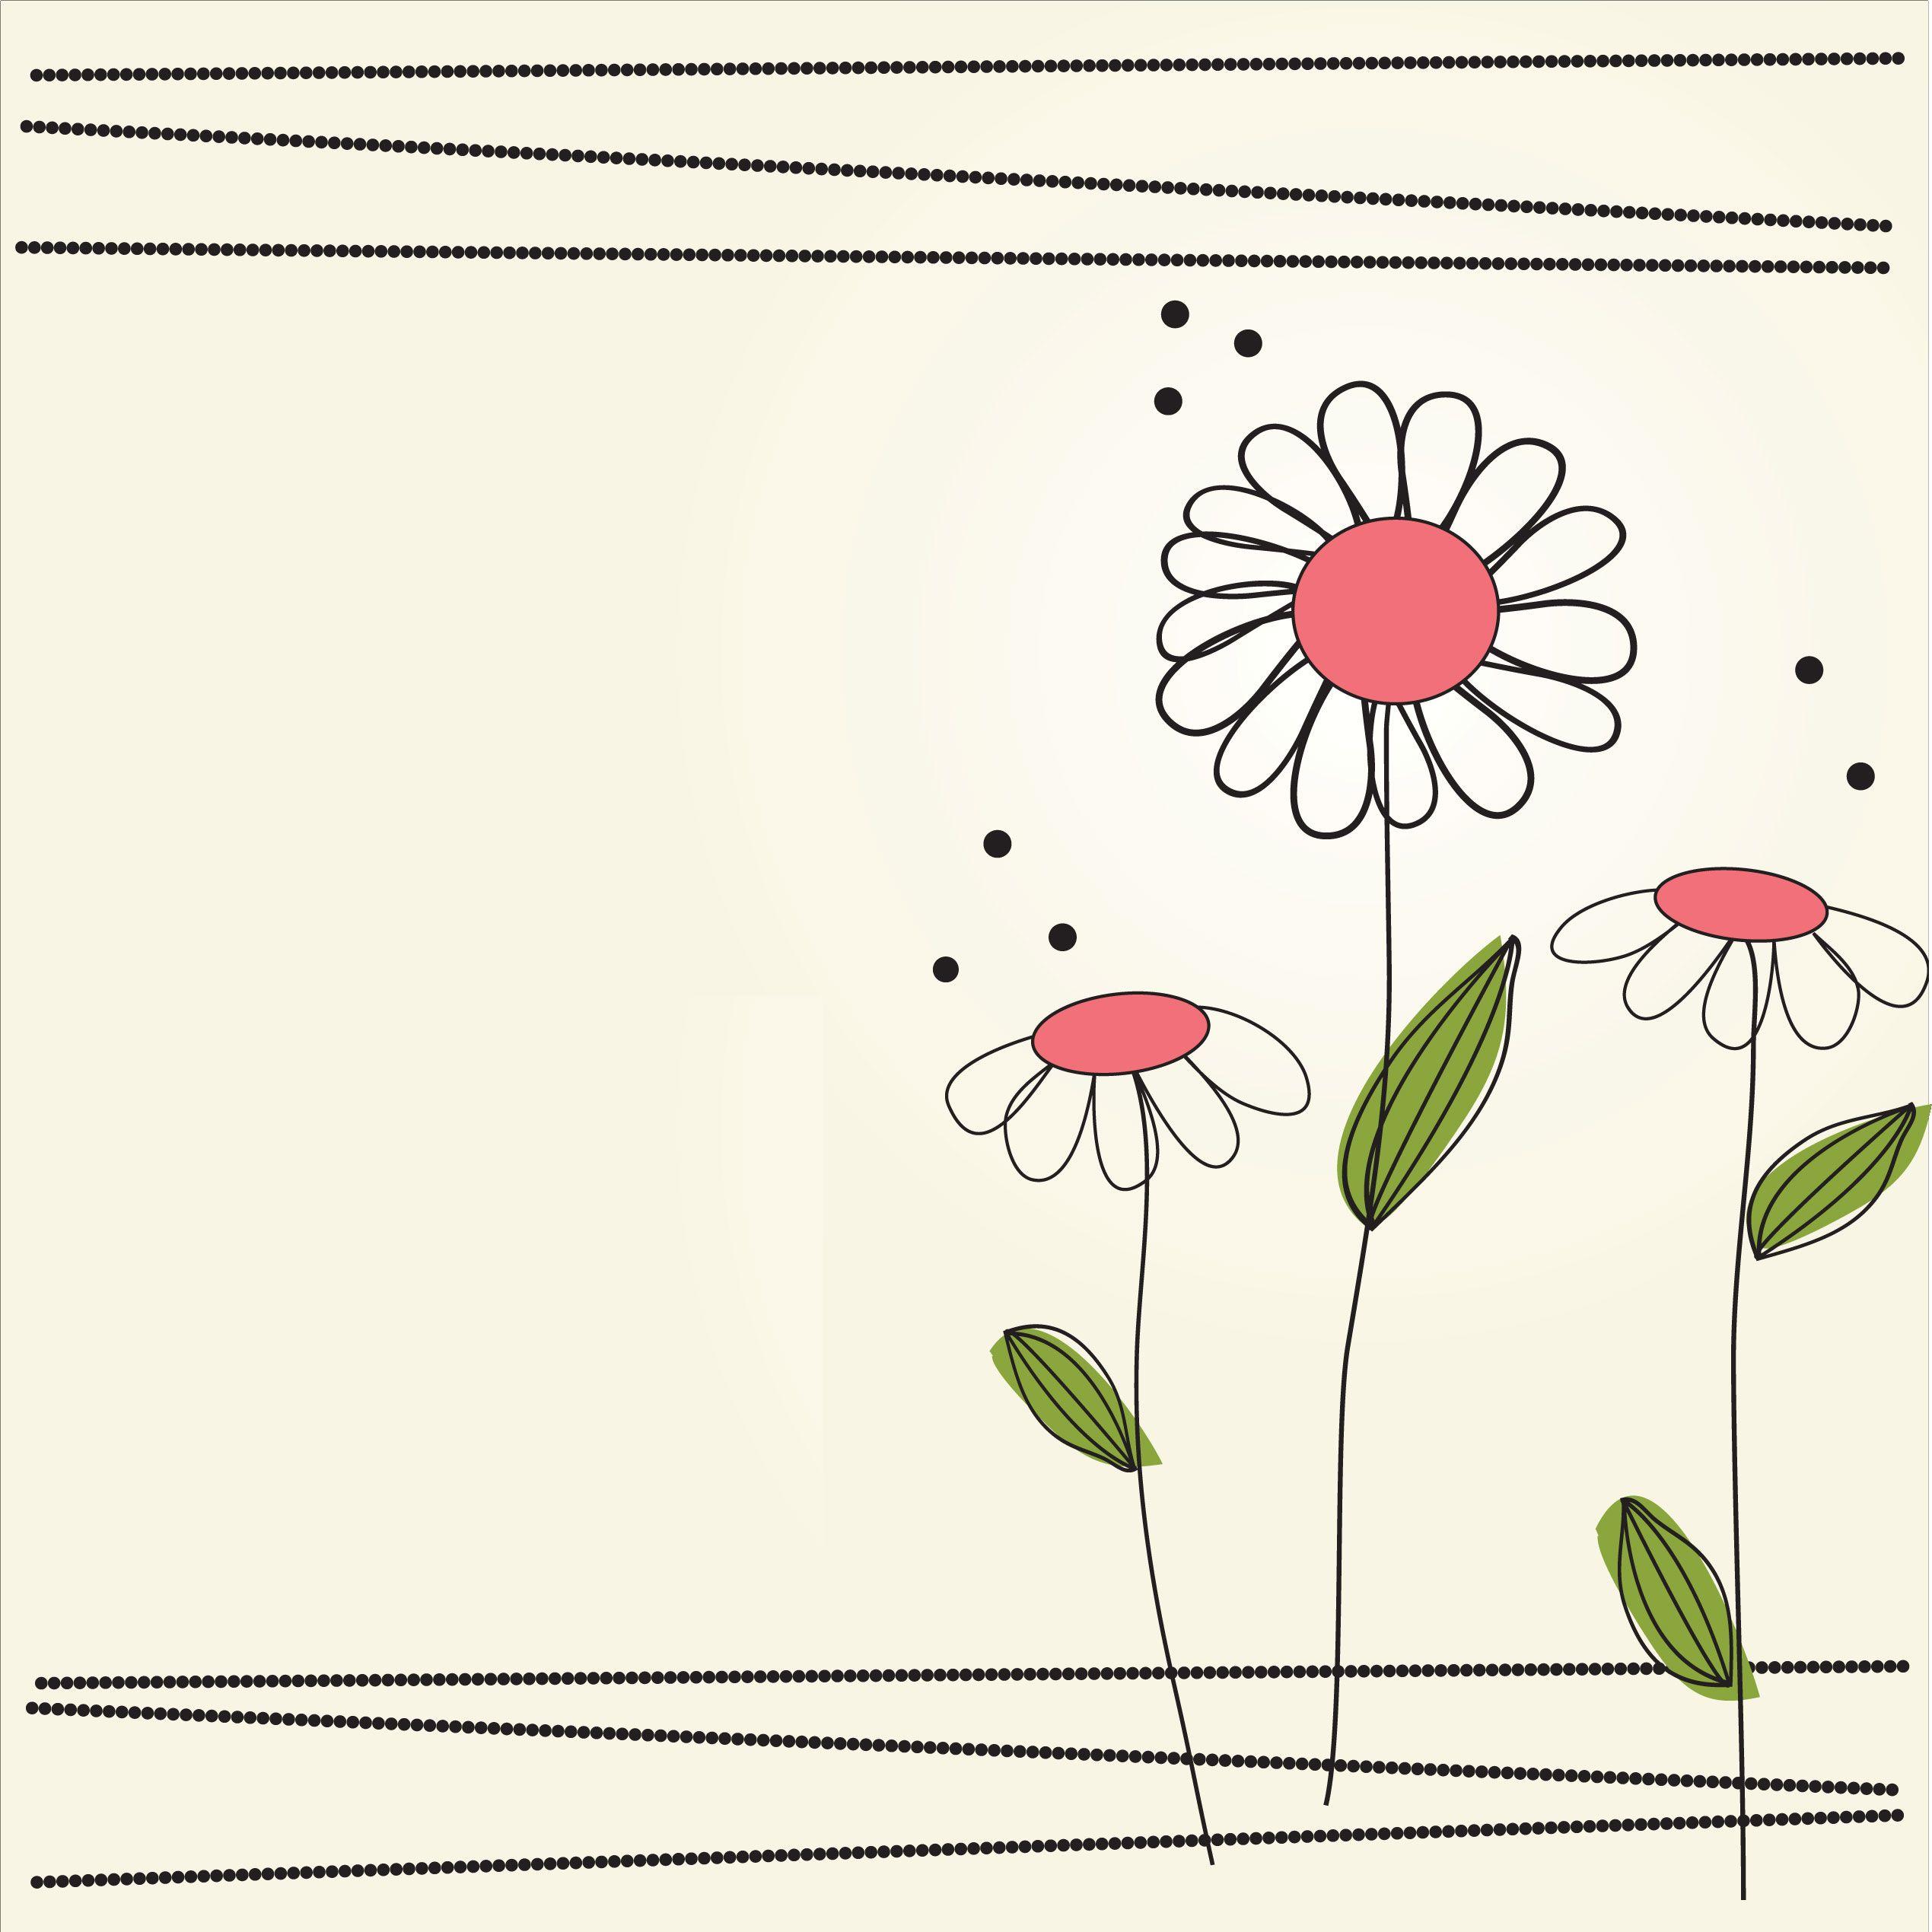 花のイラスト・フリー素材/壁紙・背景no.152『シンプル・ポップ・赤緑